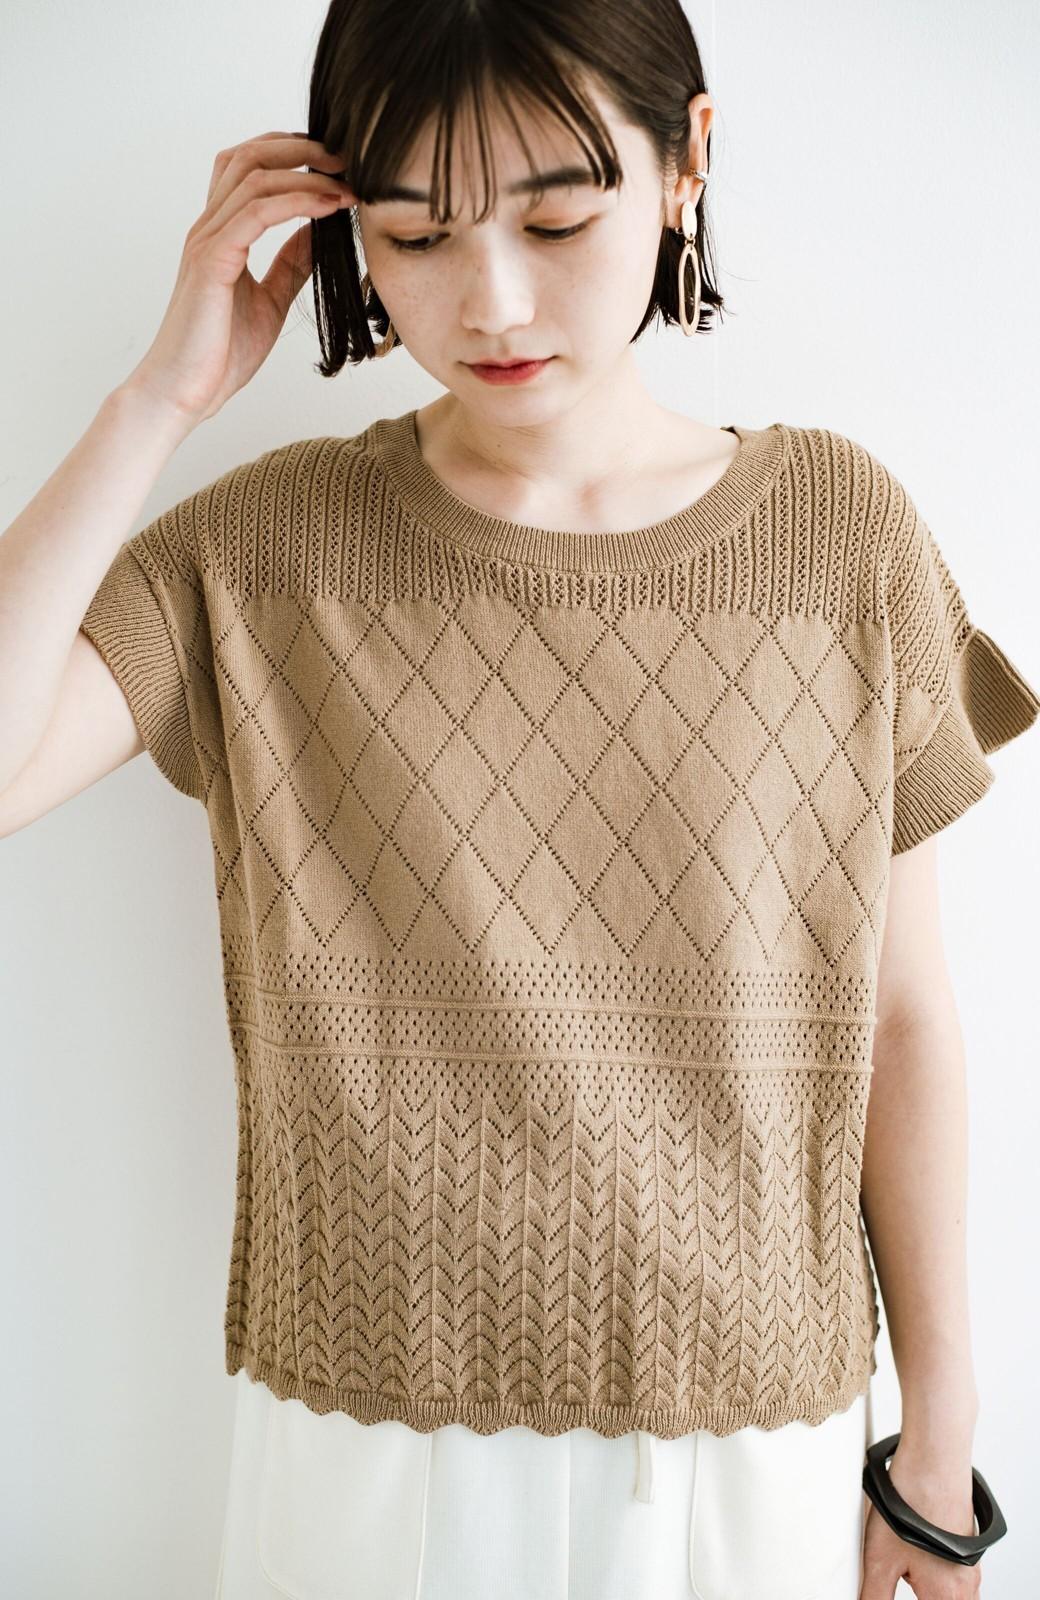 haco! (φ)透けすぎないから安心して着られる 華やか透かし編みニットトップス <カーキブラウン>の商品写真26